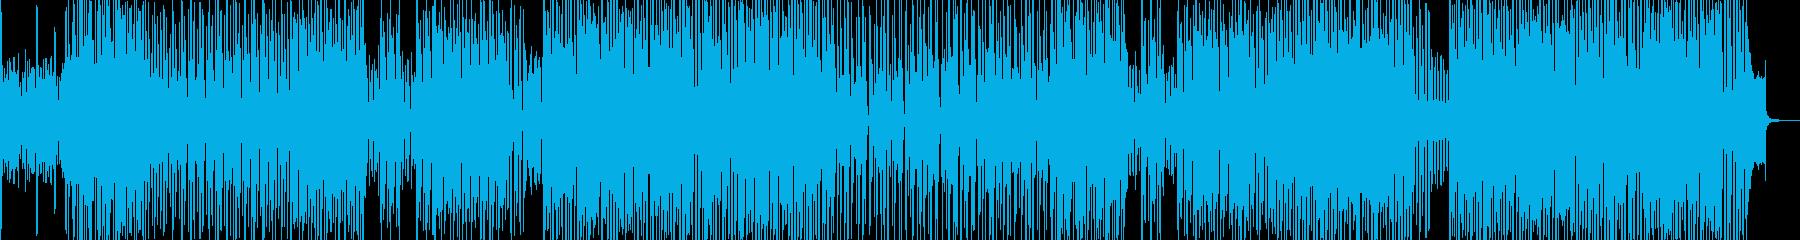 トロピカルな雰囲気に合うテクノ 長尺★の再生済みの波形